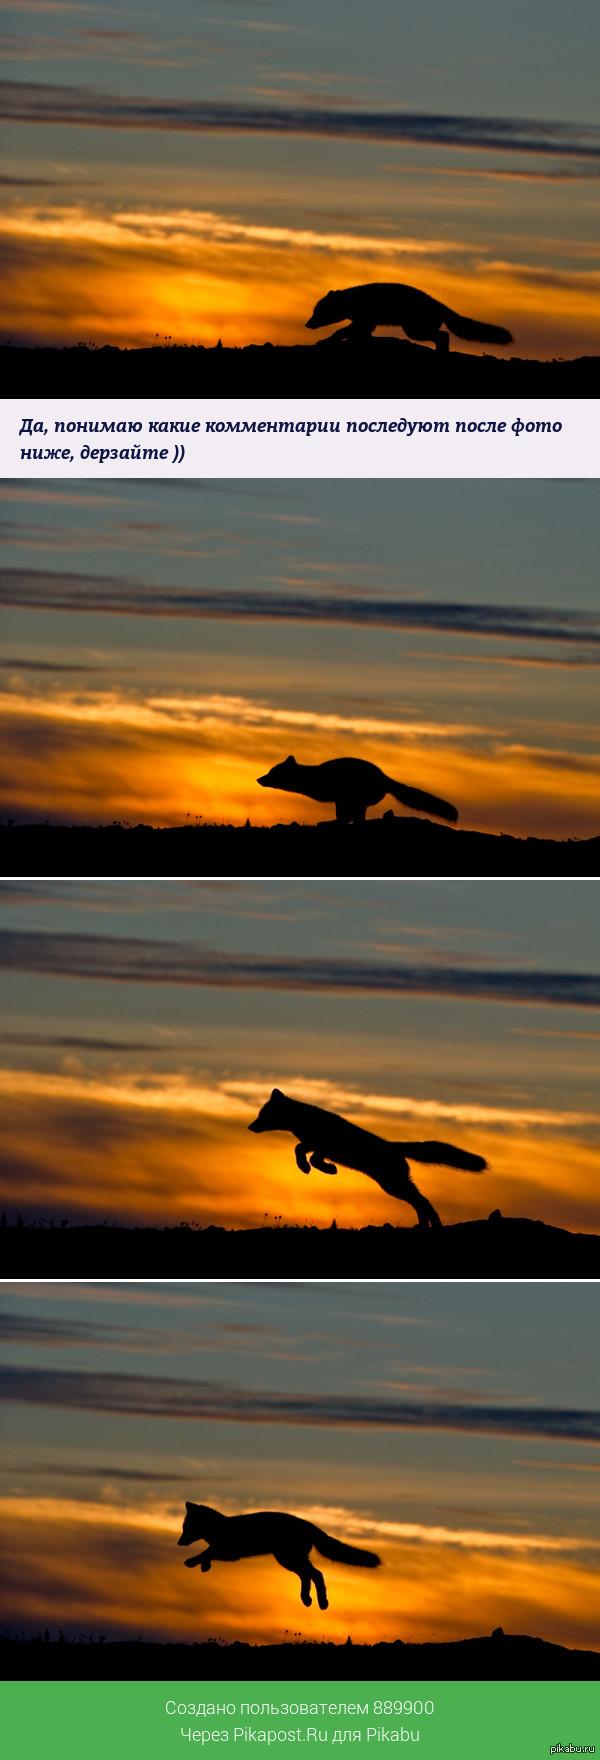 Мышкующий песец на закате..